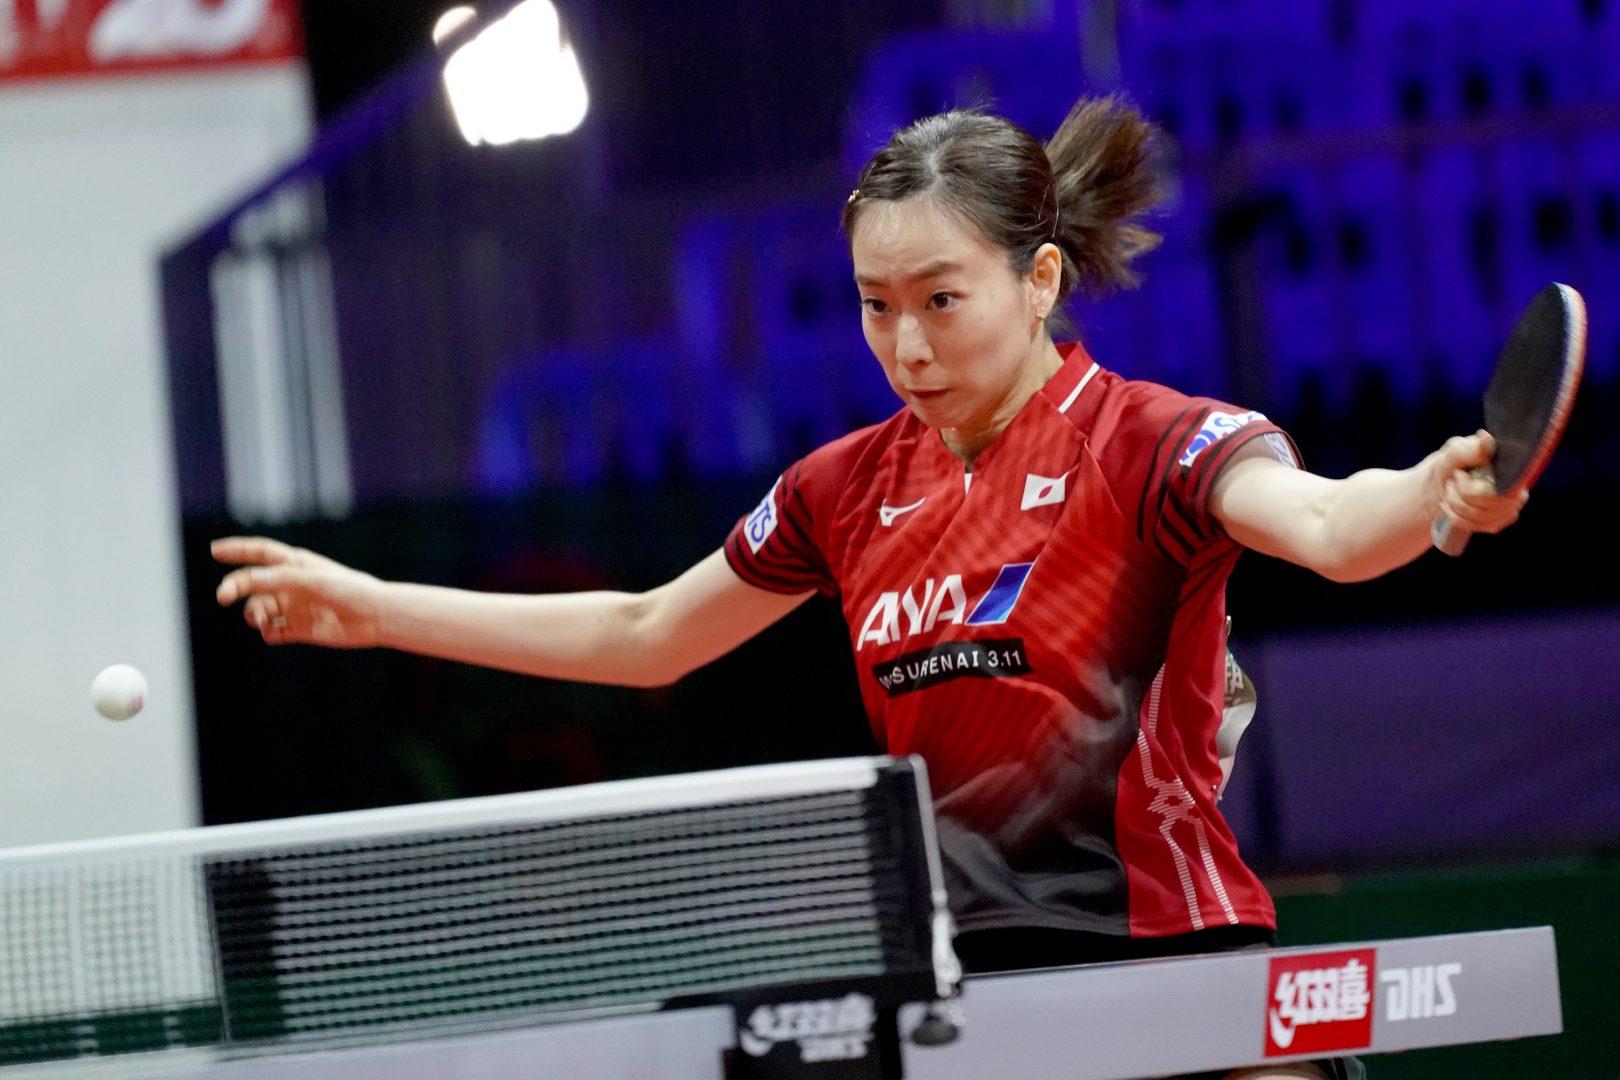 【卓球】石川佳純、完璧なカット打ちで4回戦進出<世界卓球2019>